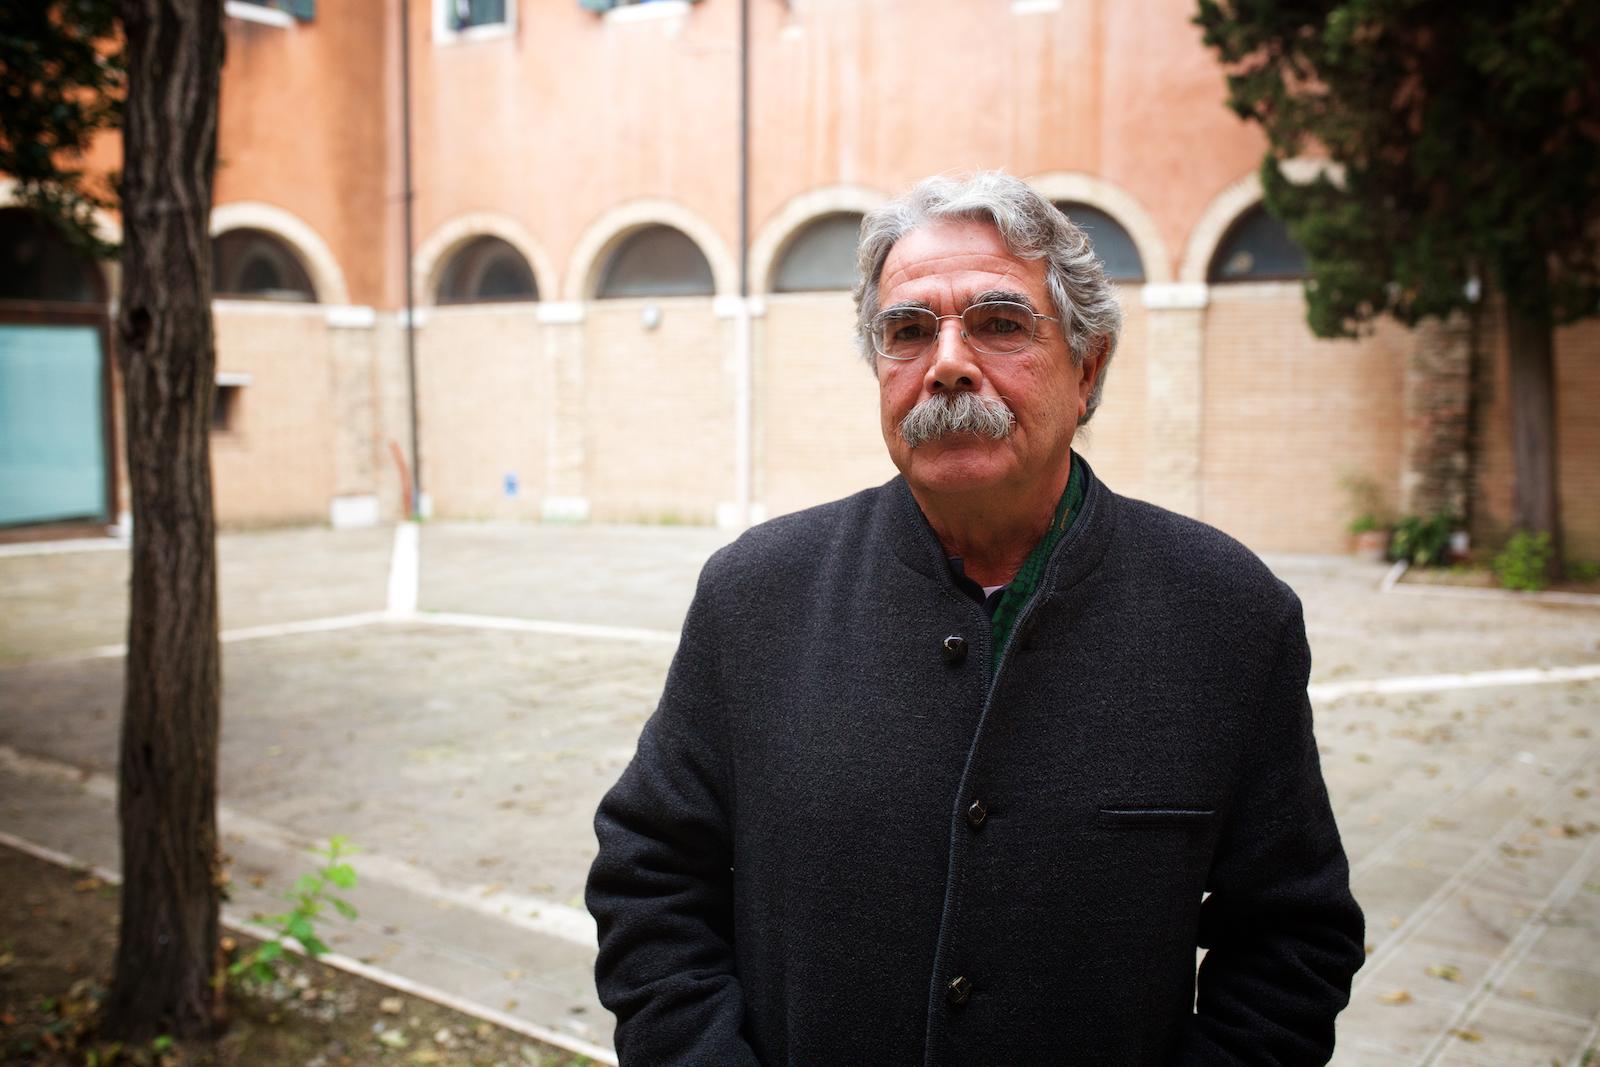 Luciano Mazzolin, ex-operaio del Petrolchimico, portavoce della associazione AmbienteVenezia. Venezia, Ottobre 2014.